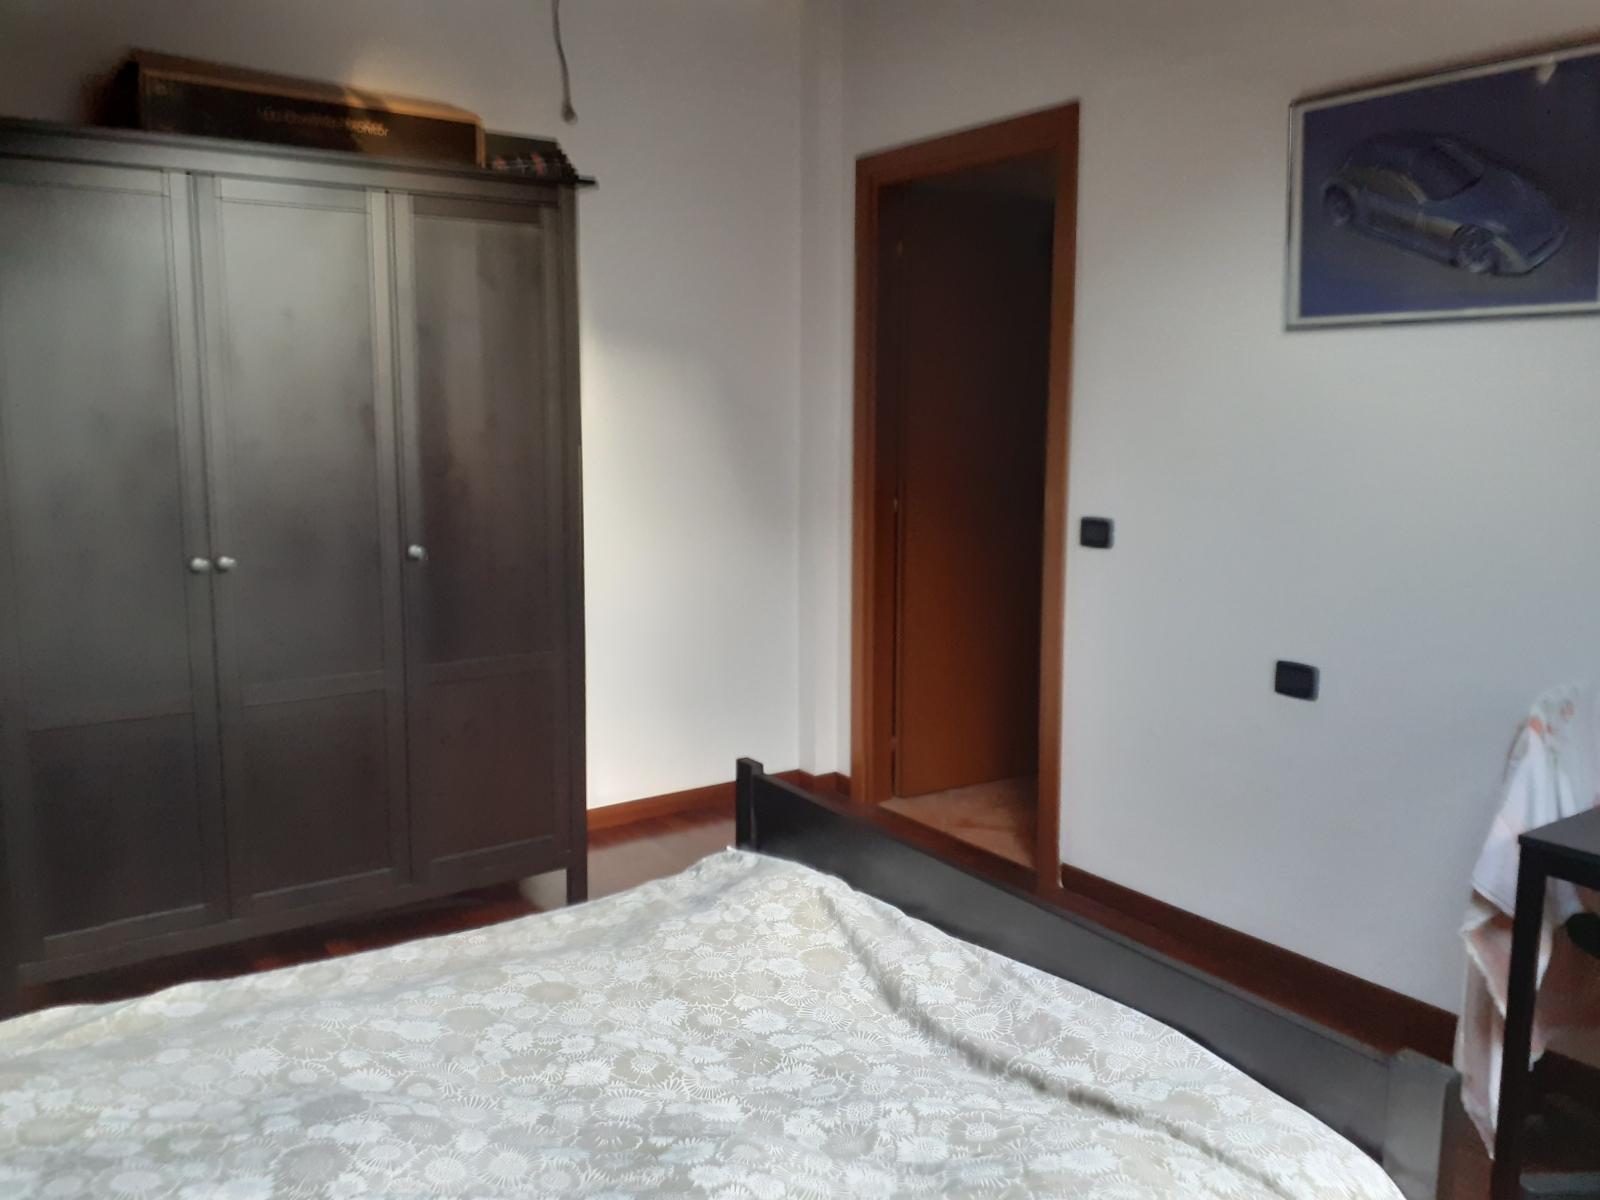 appartamento-in-vendita-a-rho-mansarda-2-3-locali-spaziourbano-immobiliere-vende-4